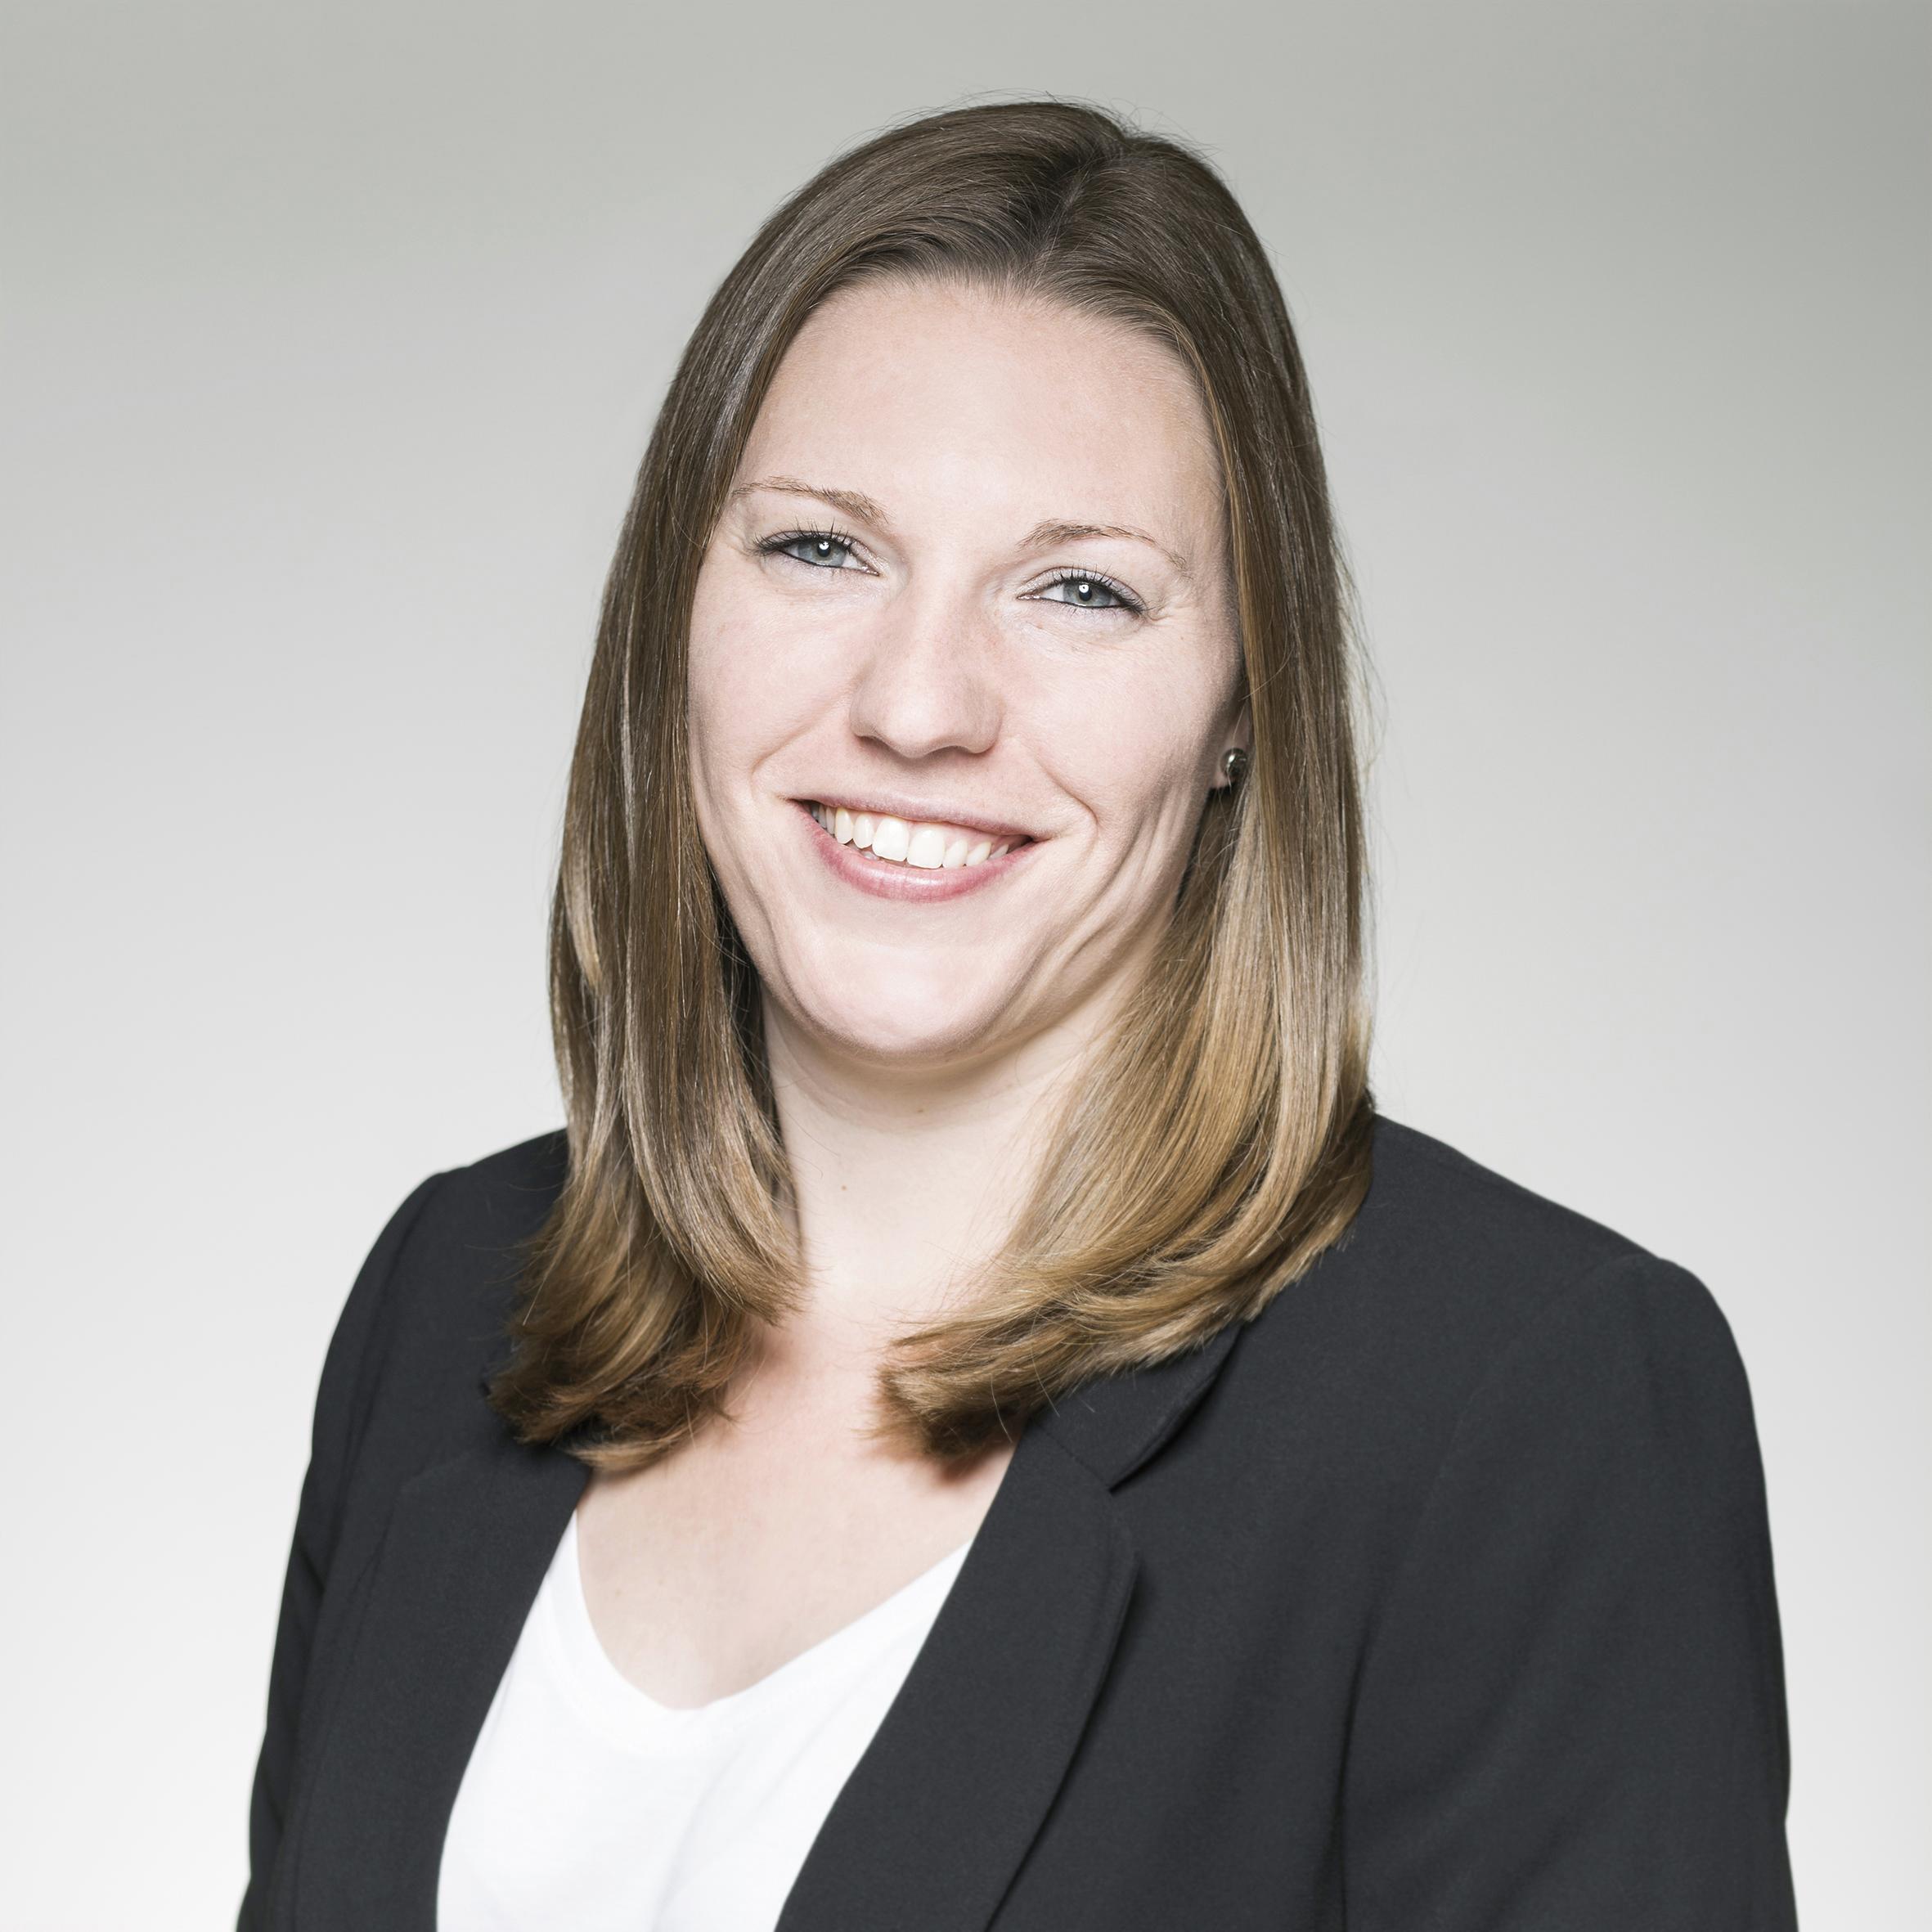 Jennifer Schmid